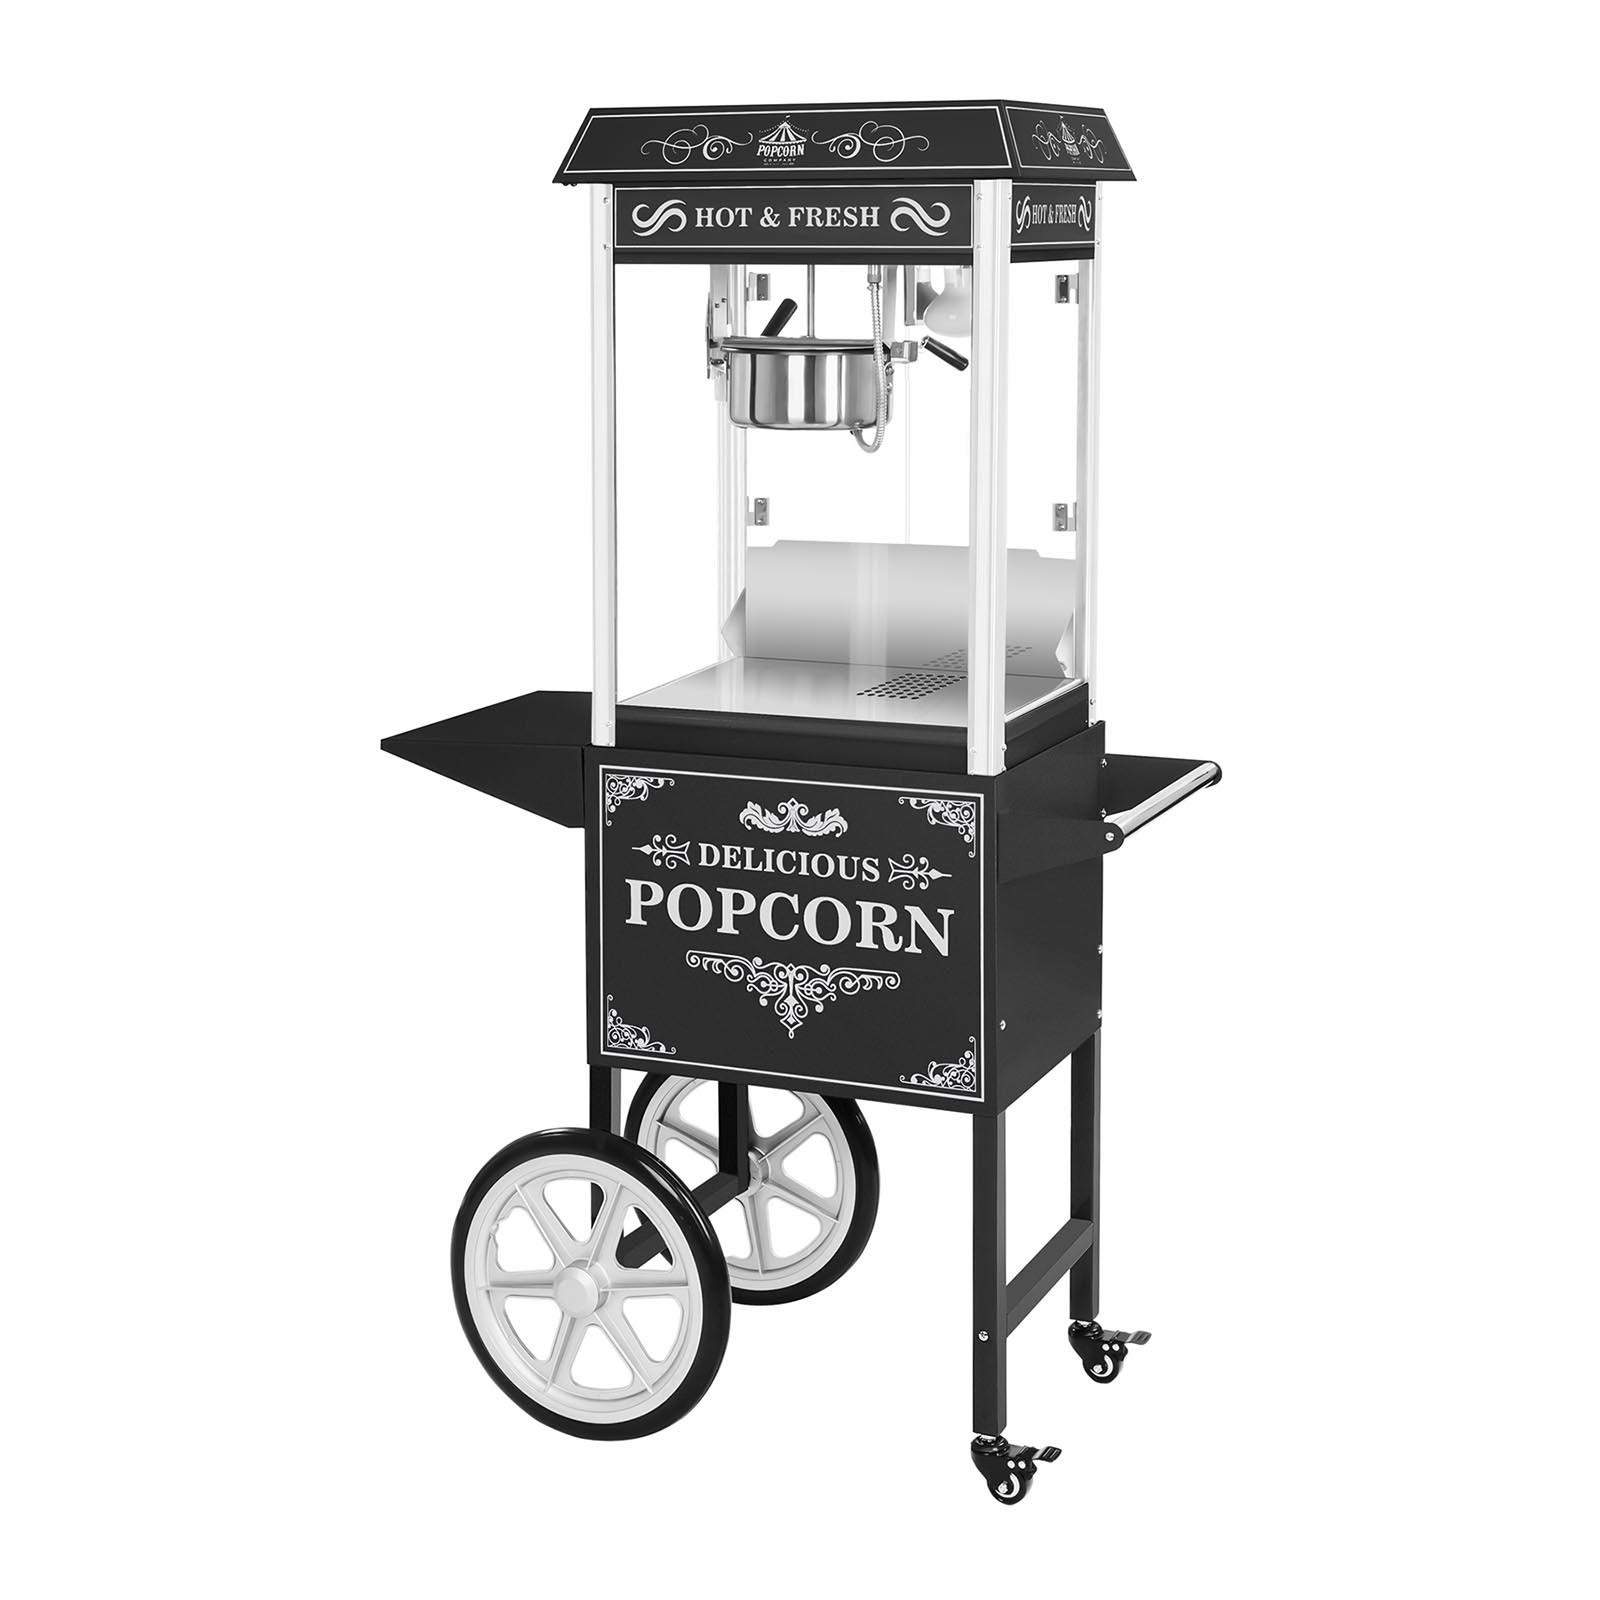 Fabriquer Socle Machine À Laver appareil à pop-corn professionnel - paiement 4x - 5 kg/heure